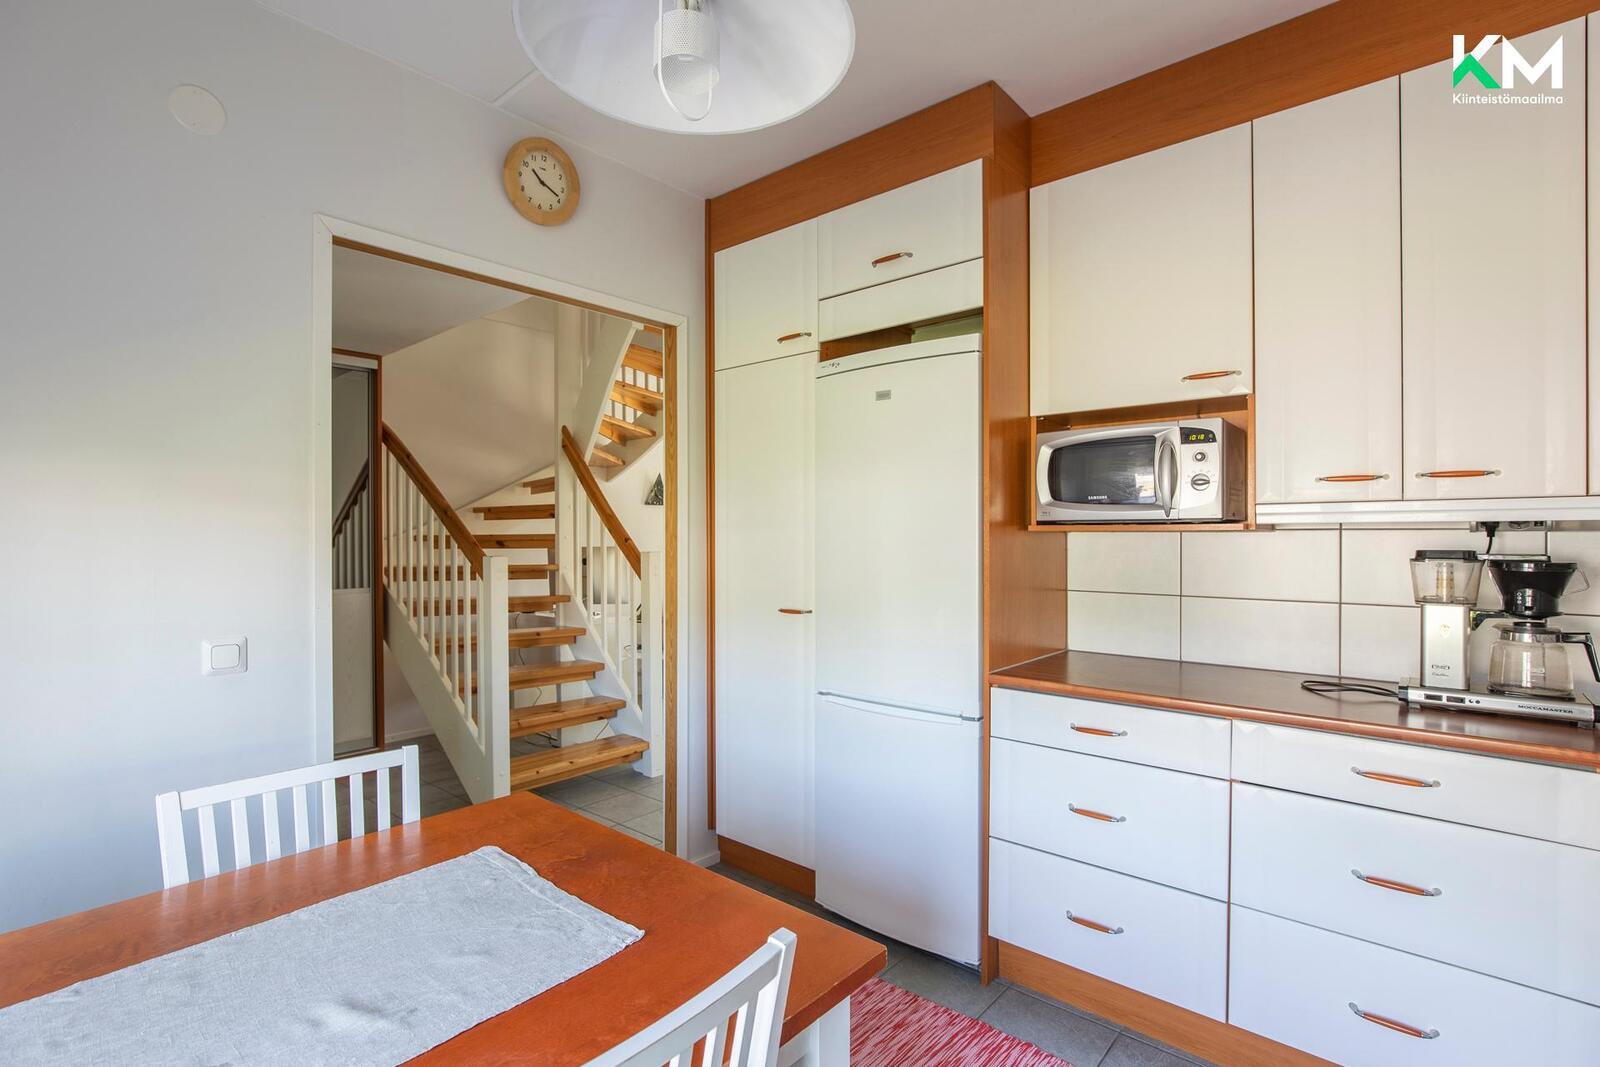 Keittiössä ja aulassa on lämmitetty laattalattia.